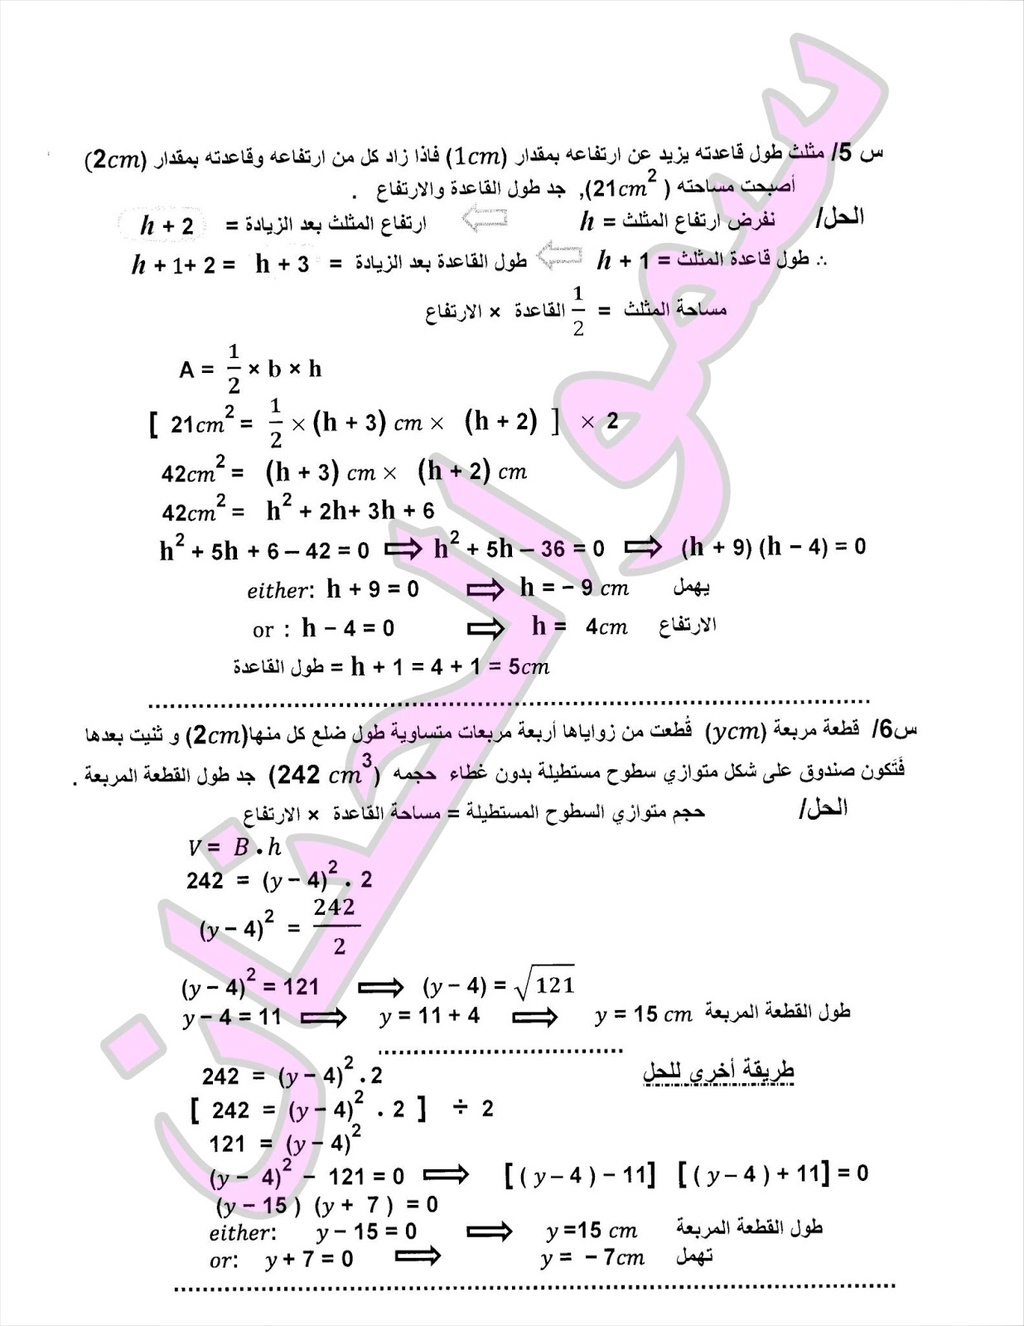 المراجعة المركزة وملخص لمادة الرياضيات للصف الثالث المتوسط 2017 | الجزء 2 1610